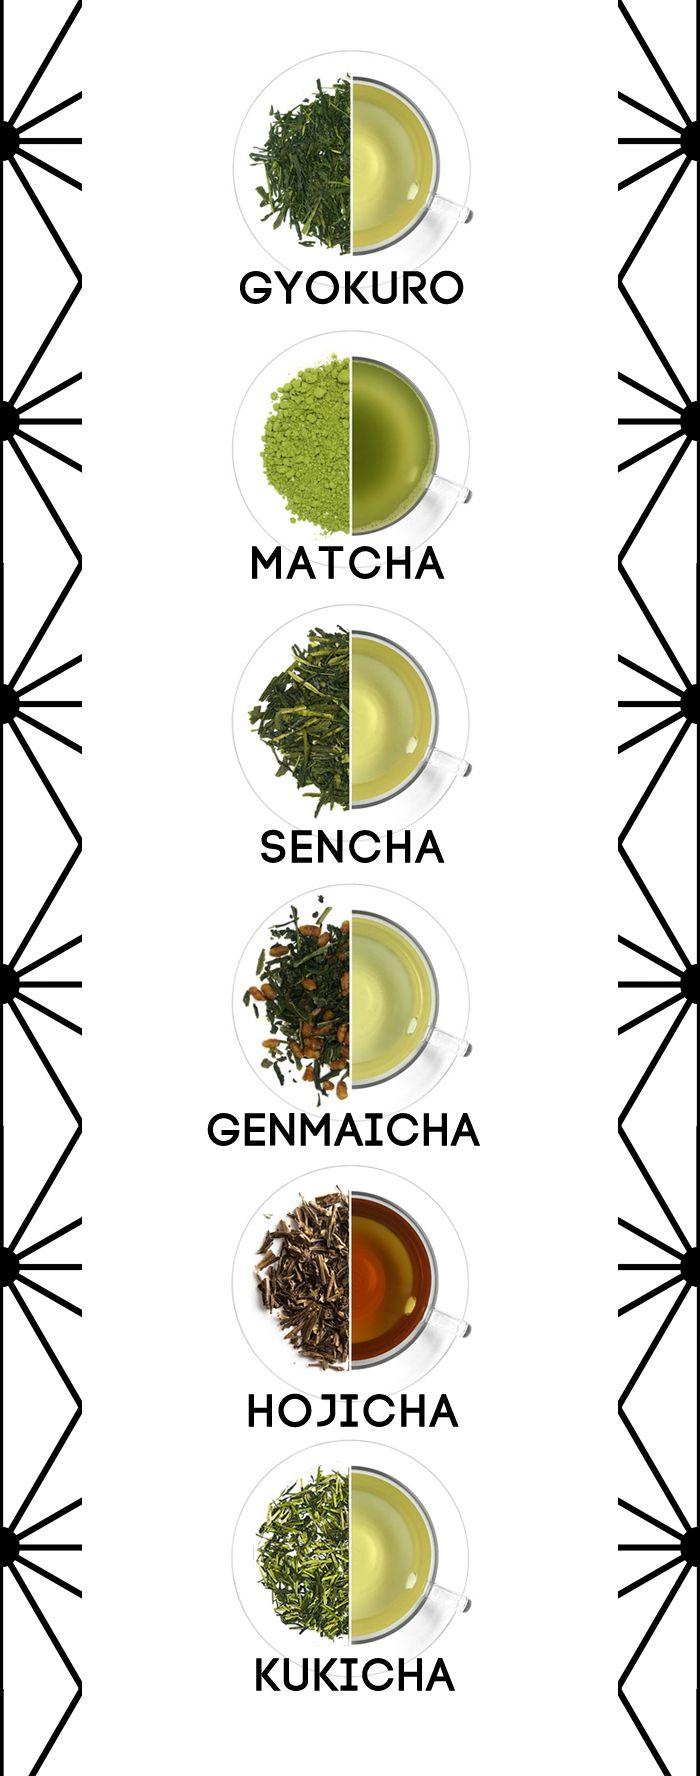 variedades de te verde japonés